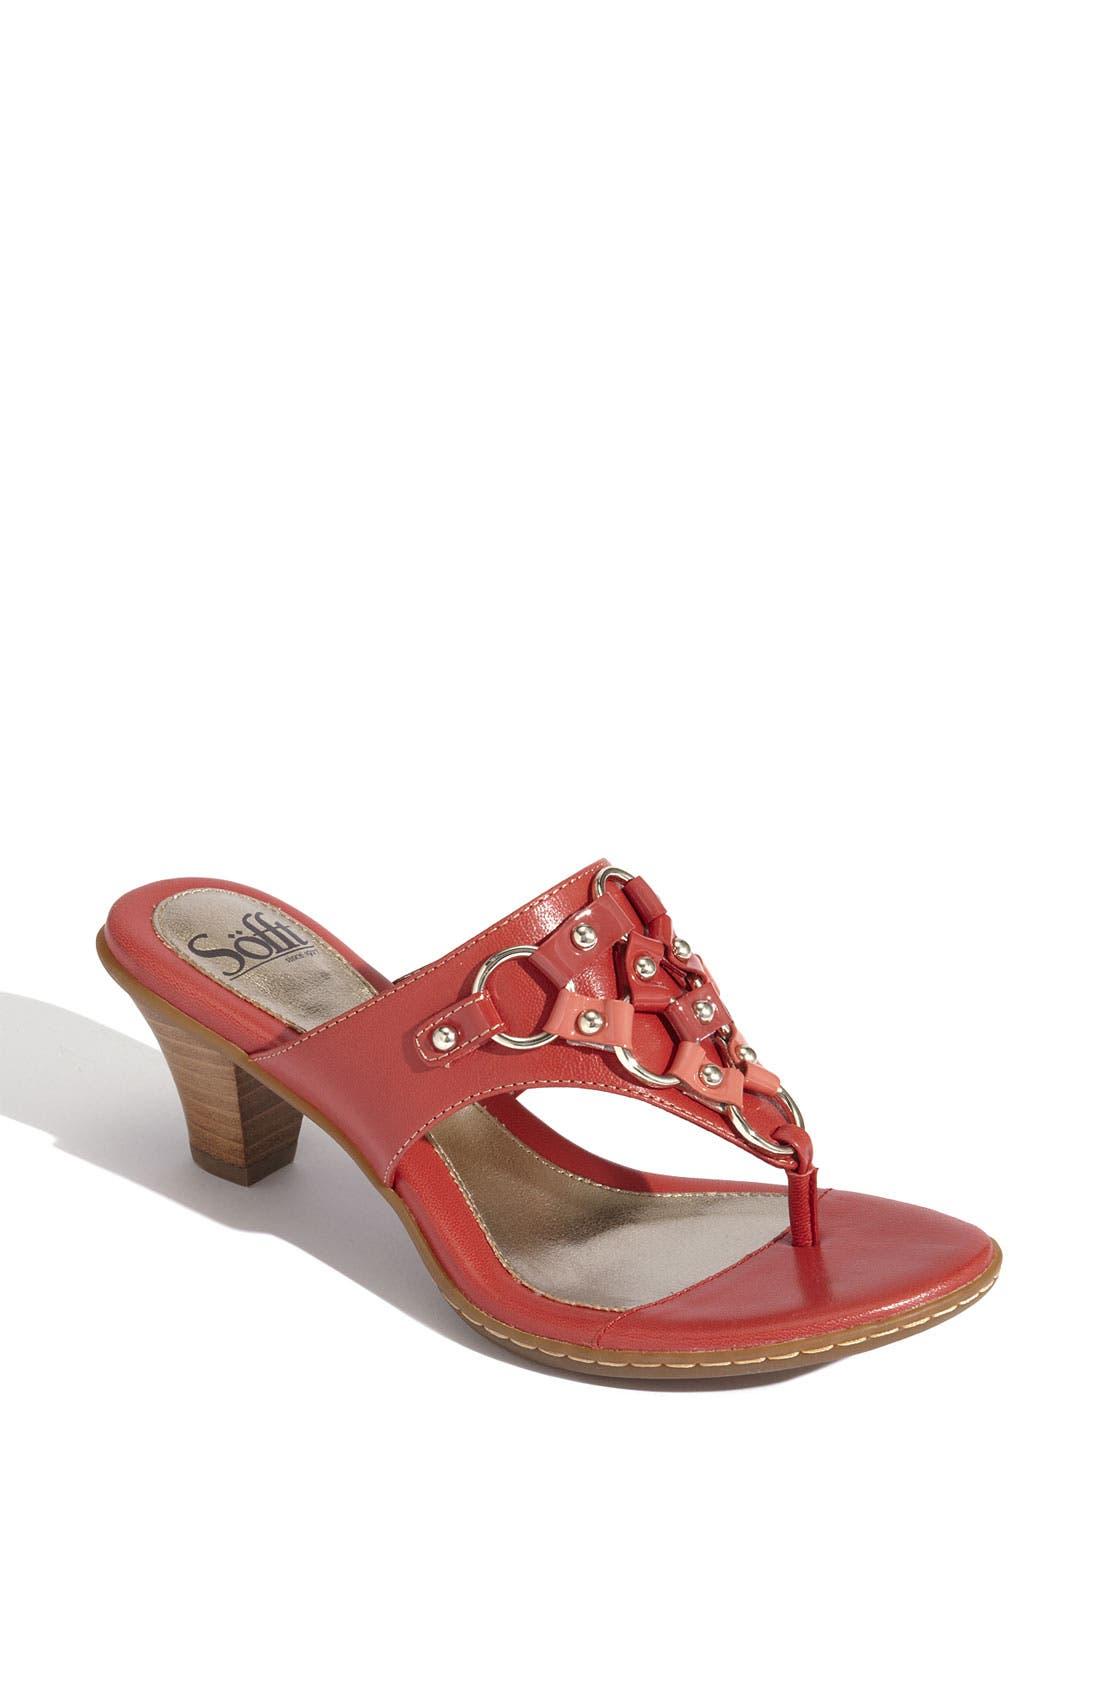 Main Image - Söfft 'Reza' Slide Sandal